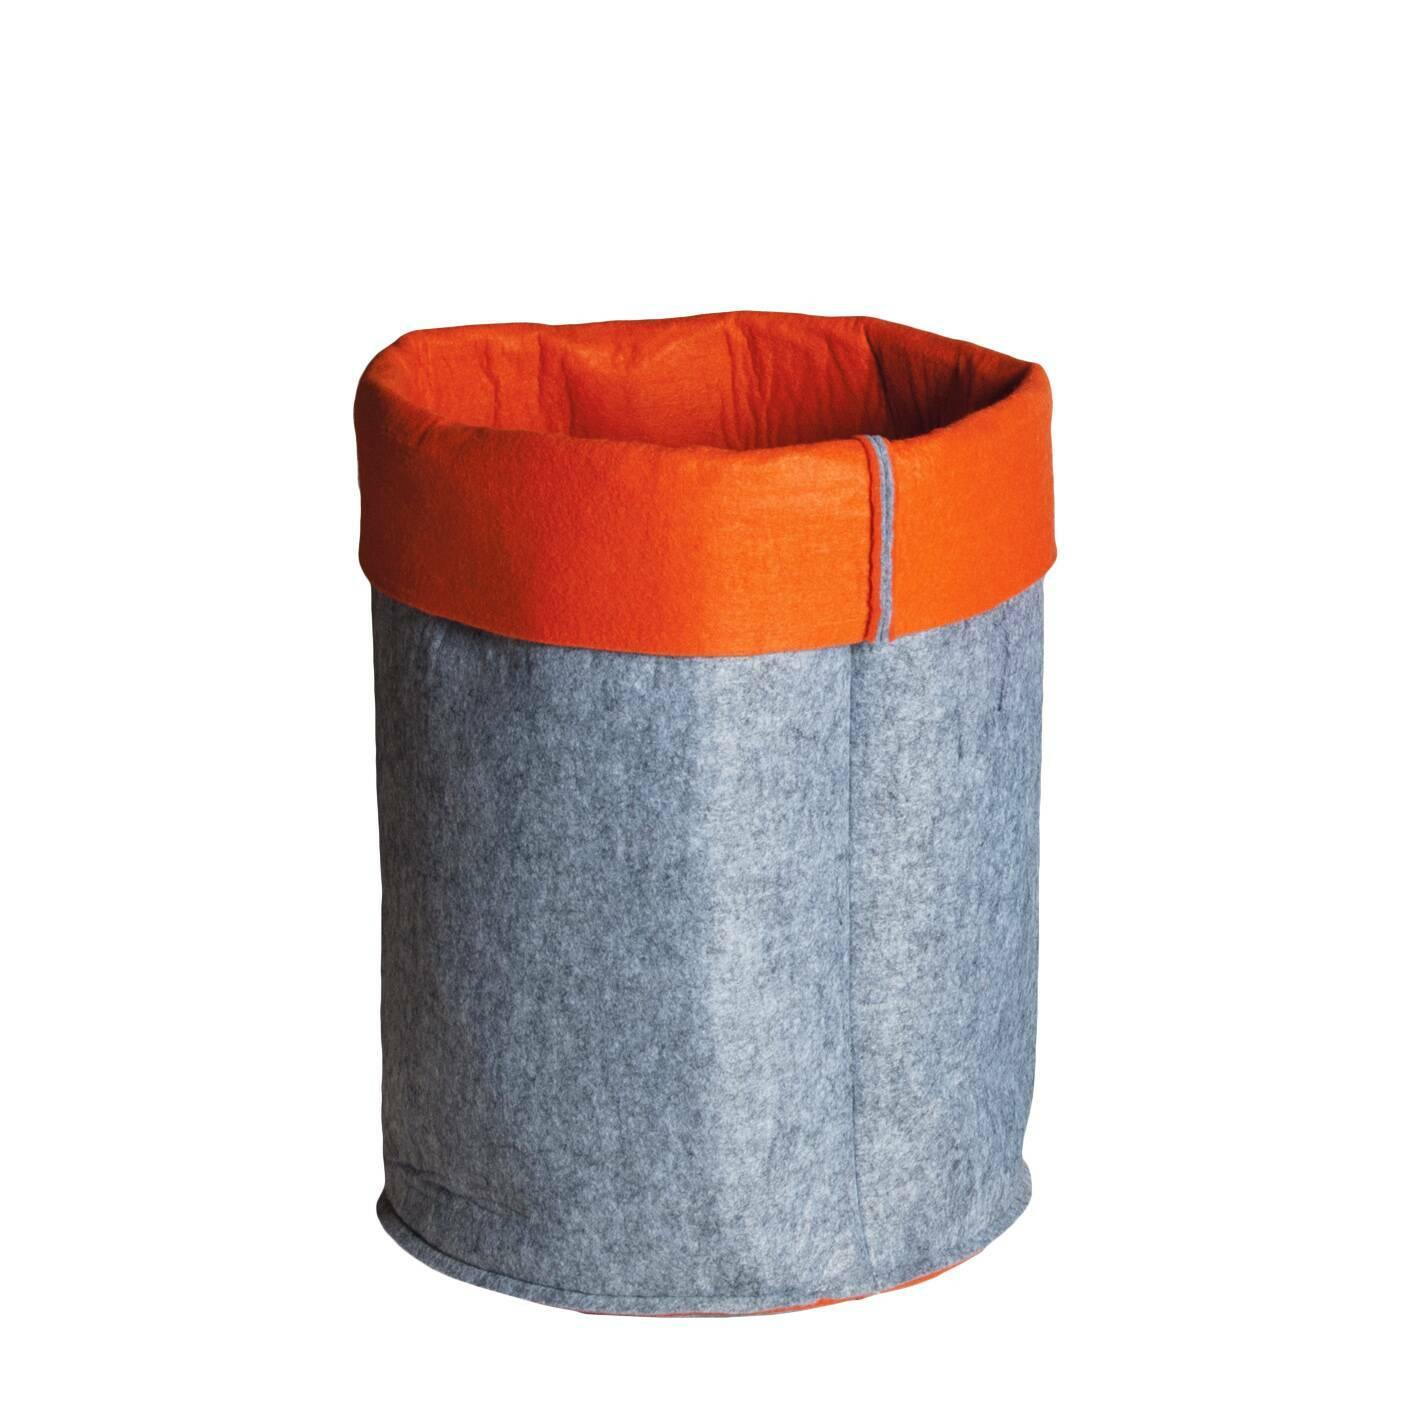 Контейнер для хранения Mousse круглыйРазное<br>Дизайнерский серо-оранжевый круглый контейнер Mousse (Мусс) для хранения от Seletti (Селетти).<br><br> Современная история итальянской компании Seletti началась в 1988 году. Тогда под руководством Стефано Селетти, сына основателя компании, была создана творческая мастерская Selab — креативная площадка для поиска нового подхода в создании привычных предметов обихода, которая объединила многих молодых дизайнеров. Сегодня компания Seletti известна своими смелыми решениями в области дизайна и экспер...<br><br>stock: 18<br>Высота: 23<br>Ширина: 40<br>Материал: Войлок<br>Диаметр: 48